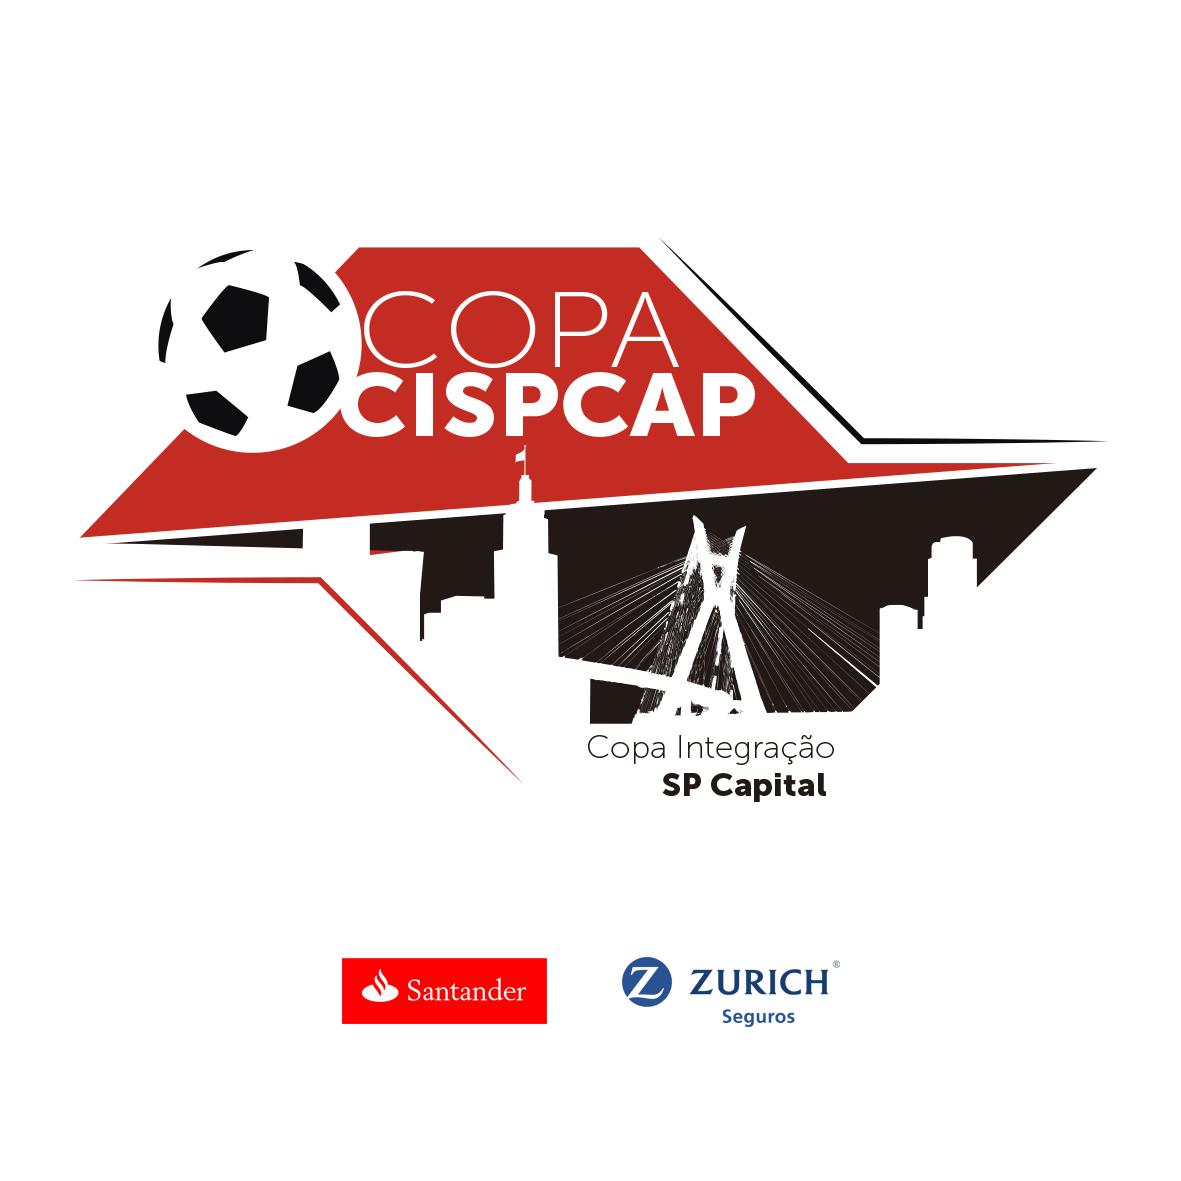 3ª CISPCAP Santander Zurich Série A+